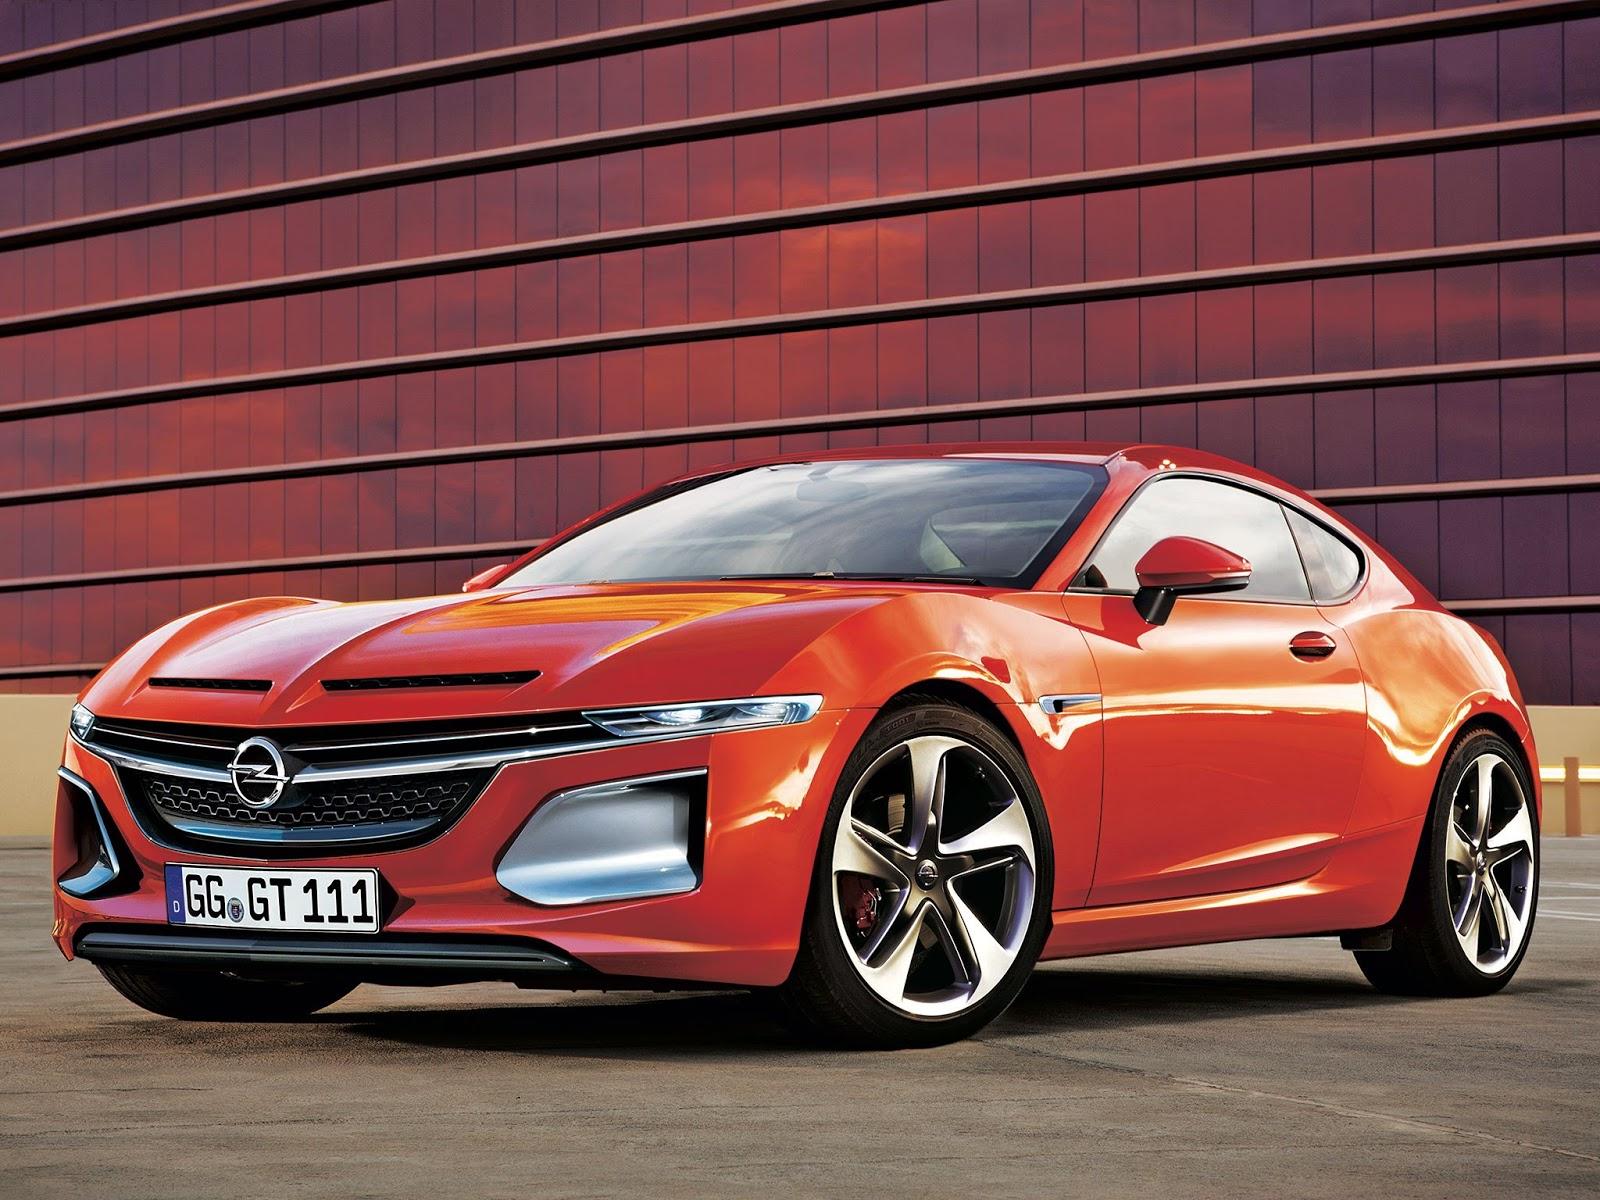 opel Κυρίες και κύριοι, έτσι θα είναι το επόμενο Opel GT Opel, Opel GT, Opel GT Concept